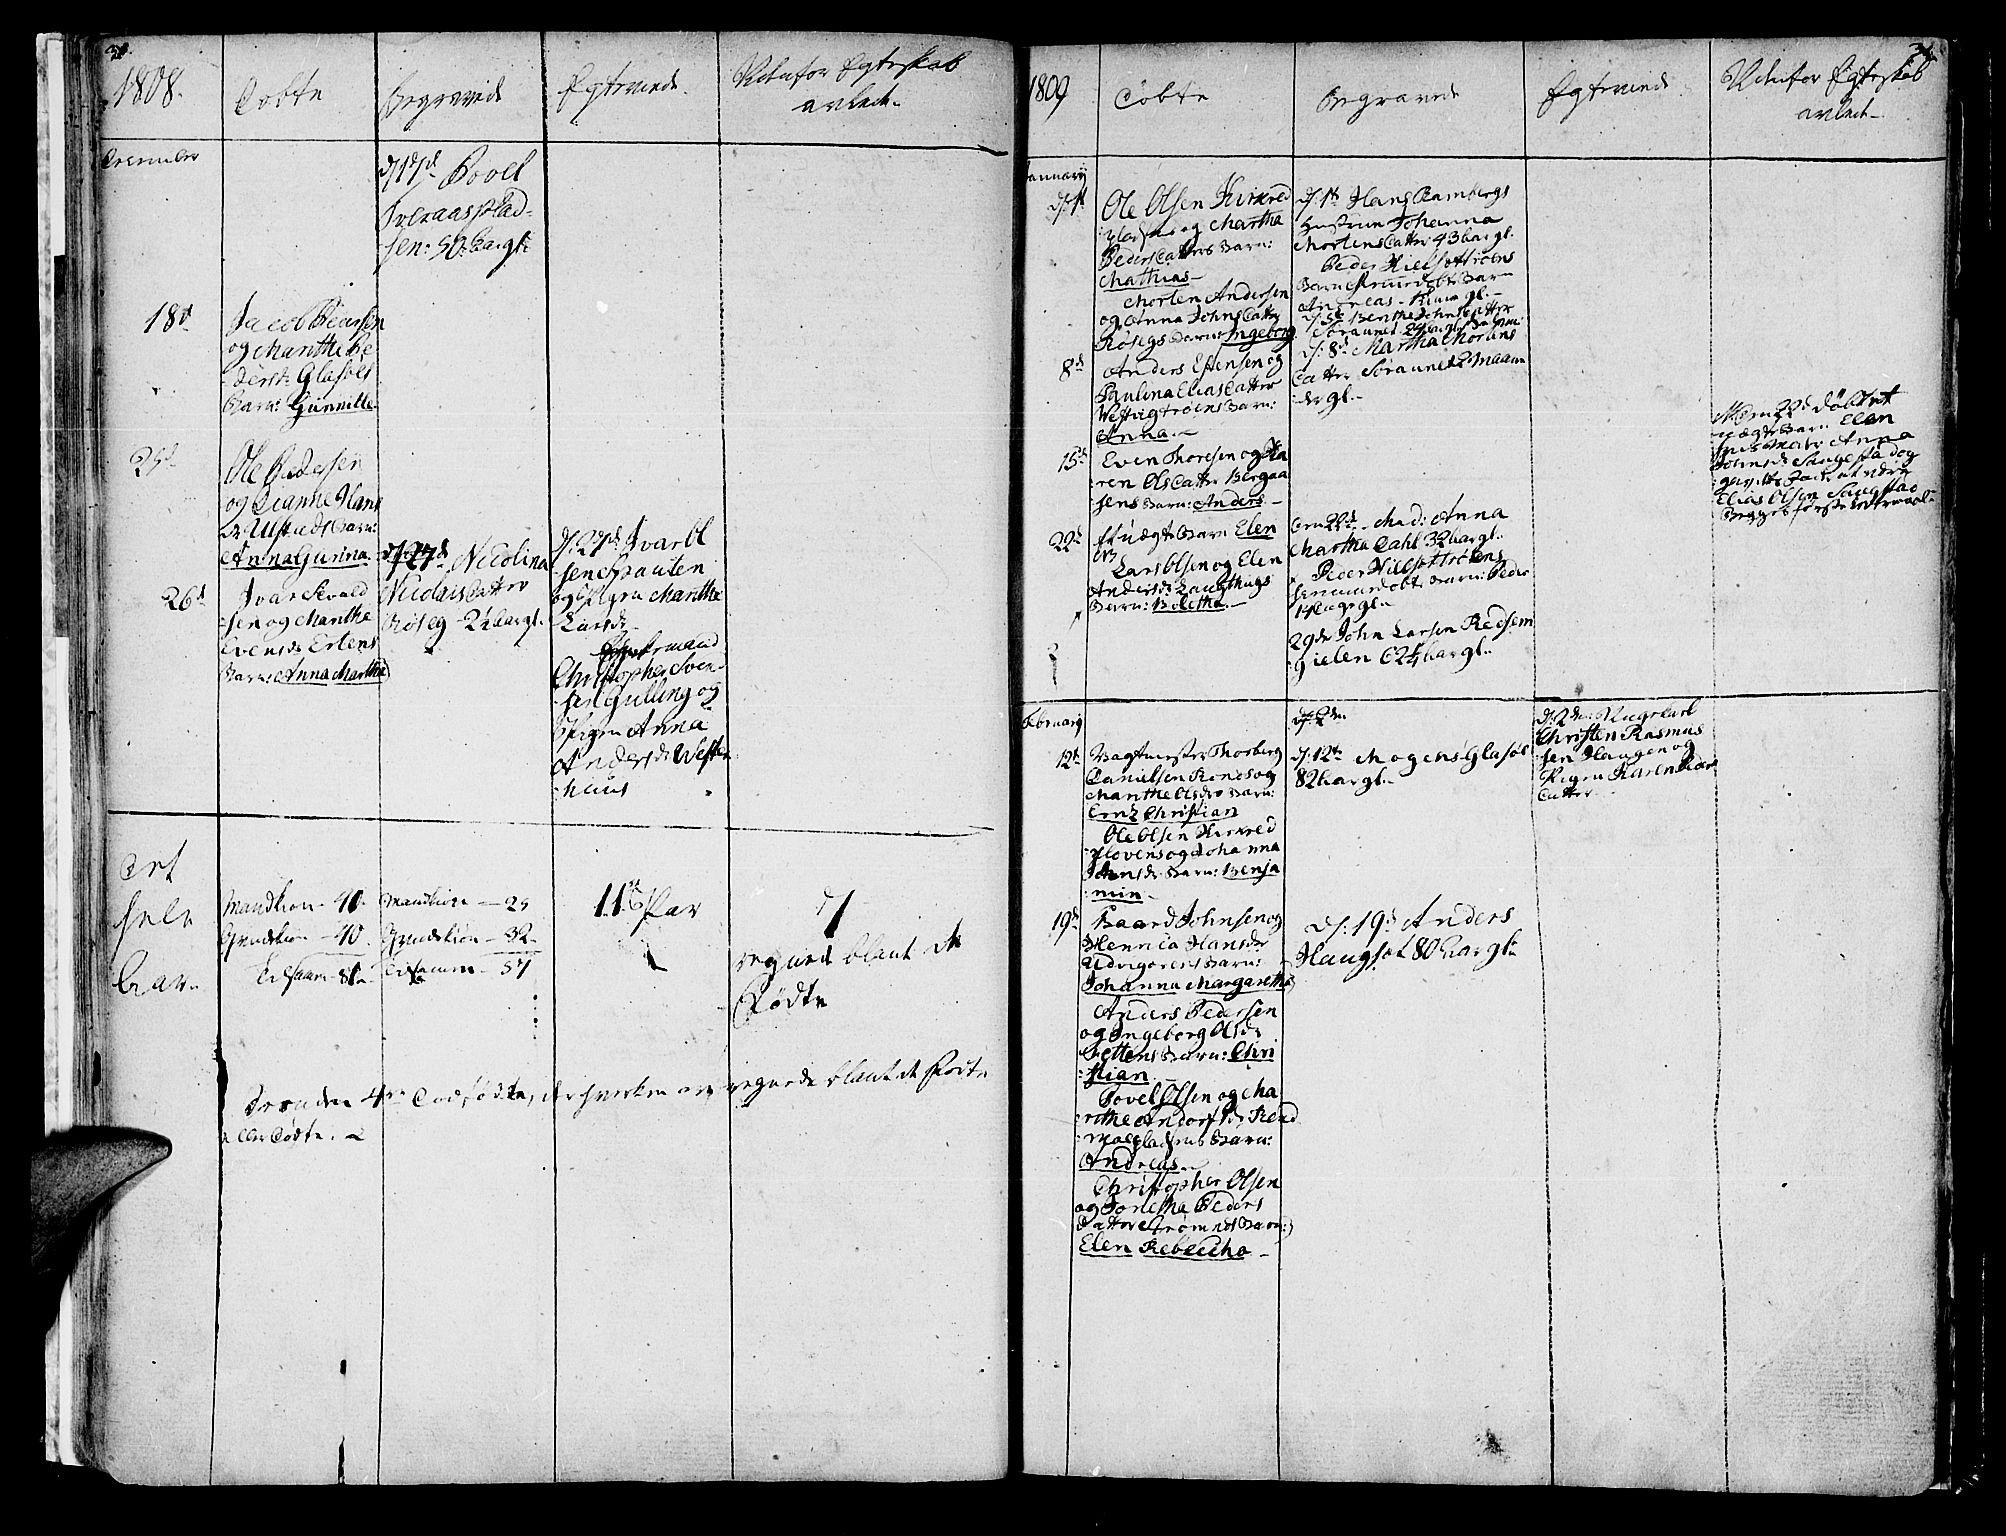 SAT, Ministerialprotokoller, klokkerbøker og fødselsregistre - Nord-Trøndelag, 741/L0386: Ministerialbok nr. 741A02, 1804-1816, s. 30-31